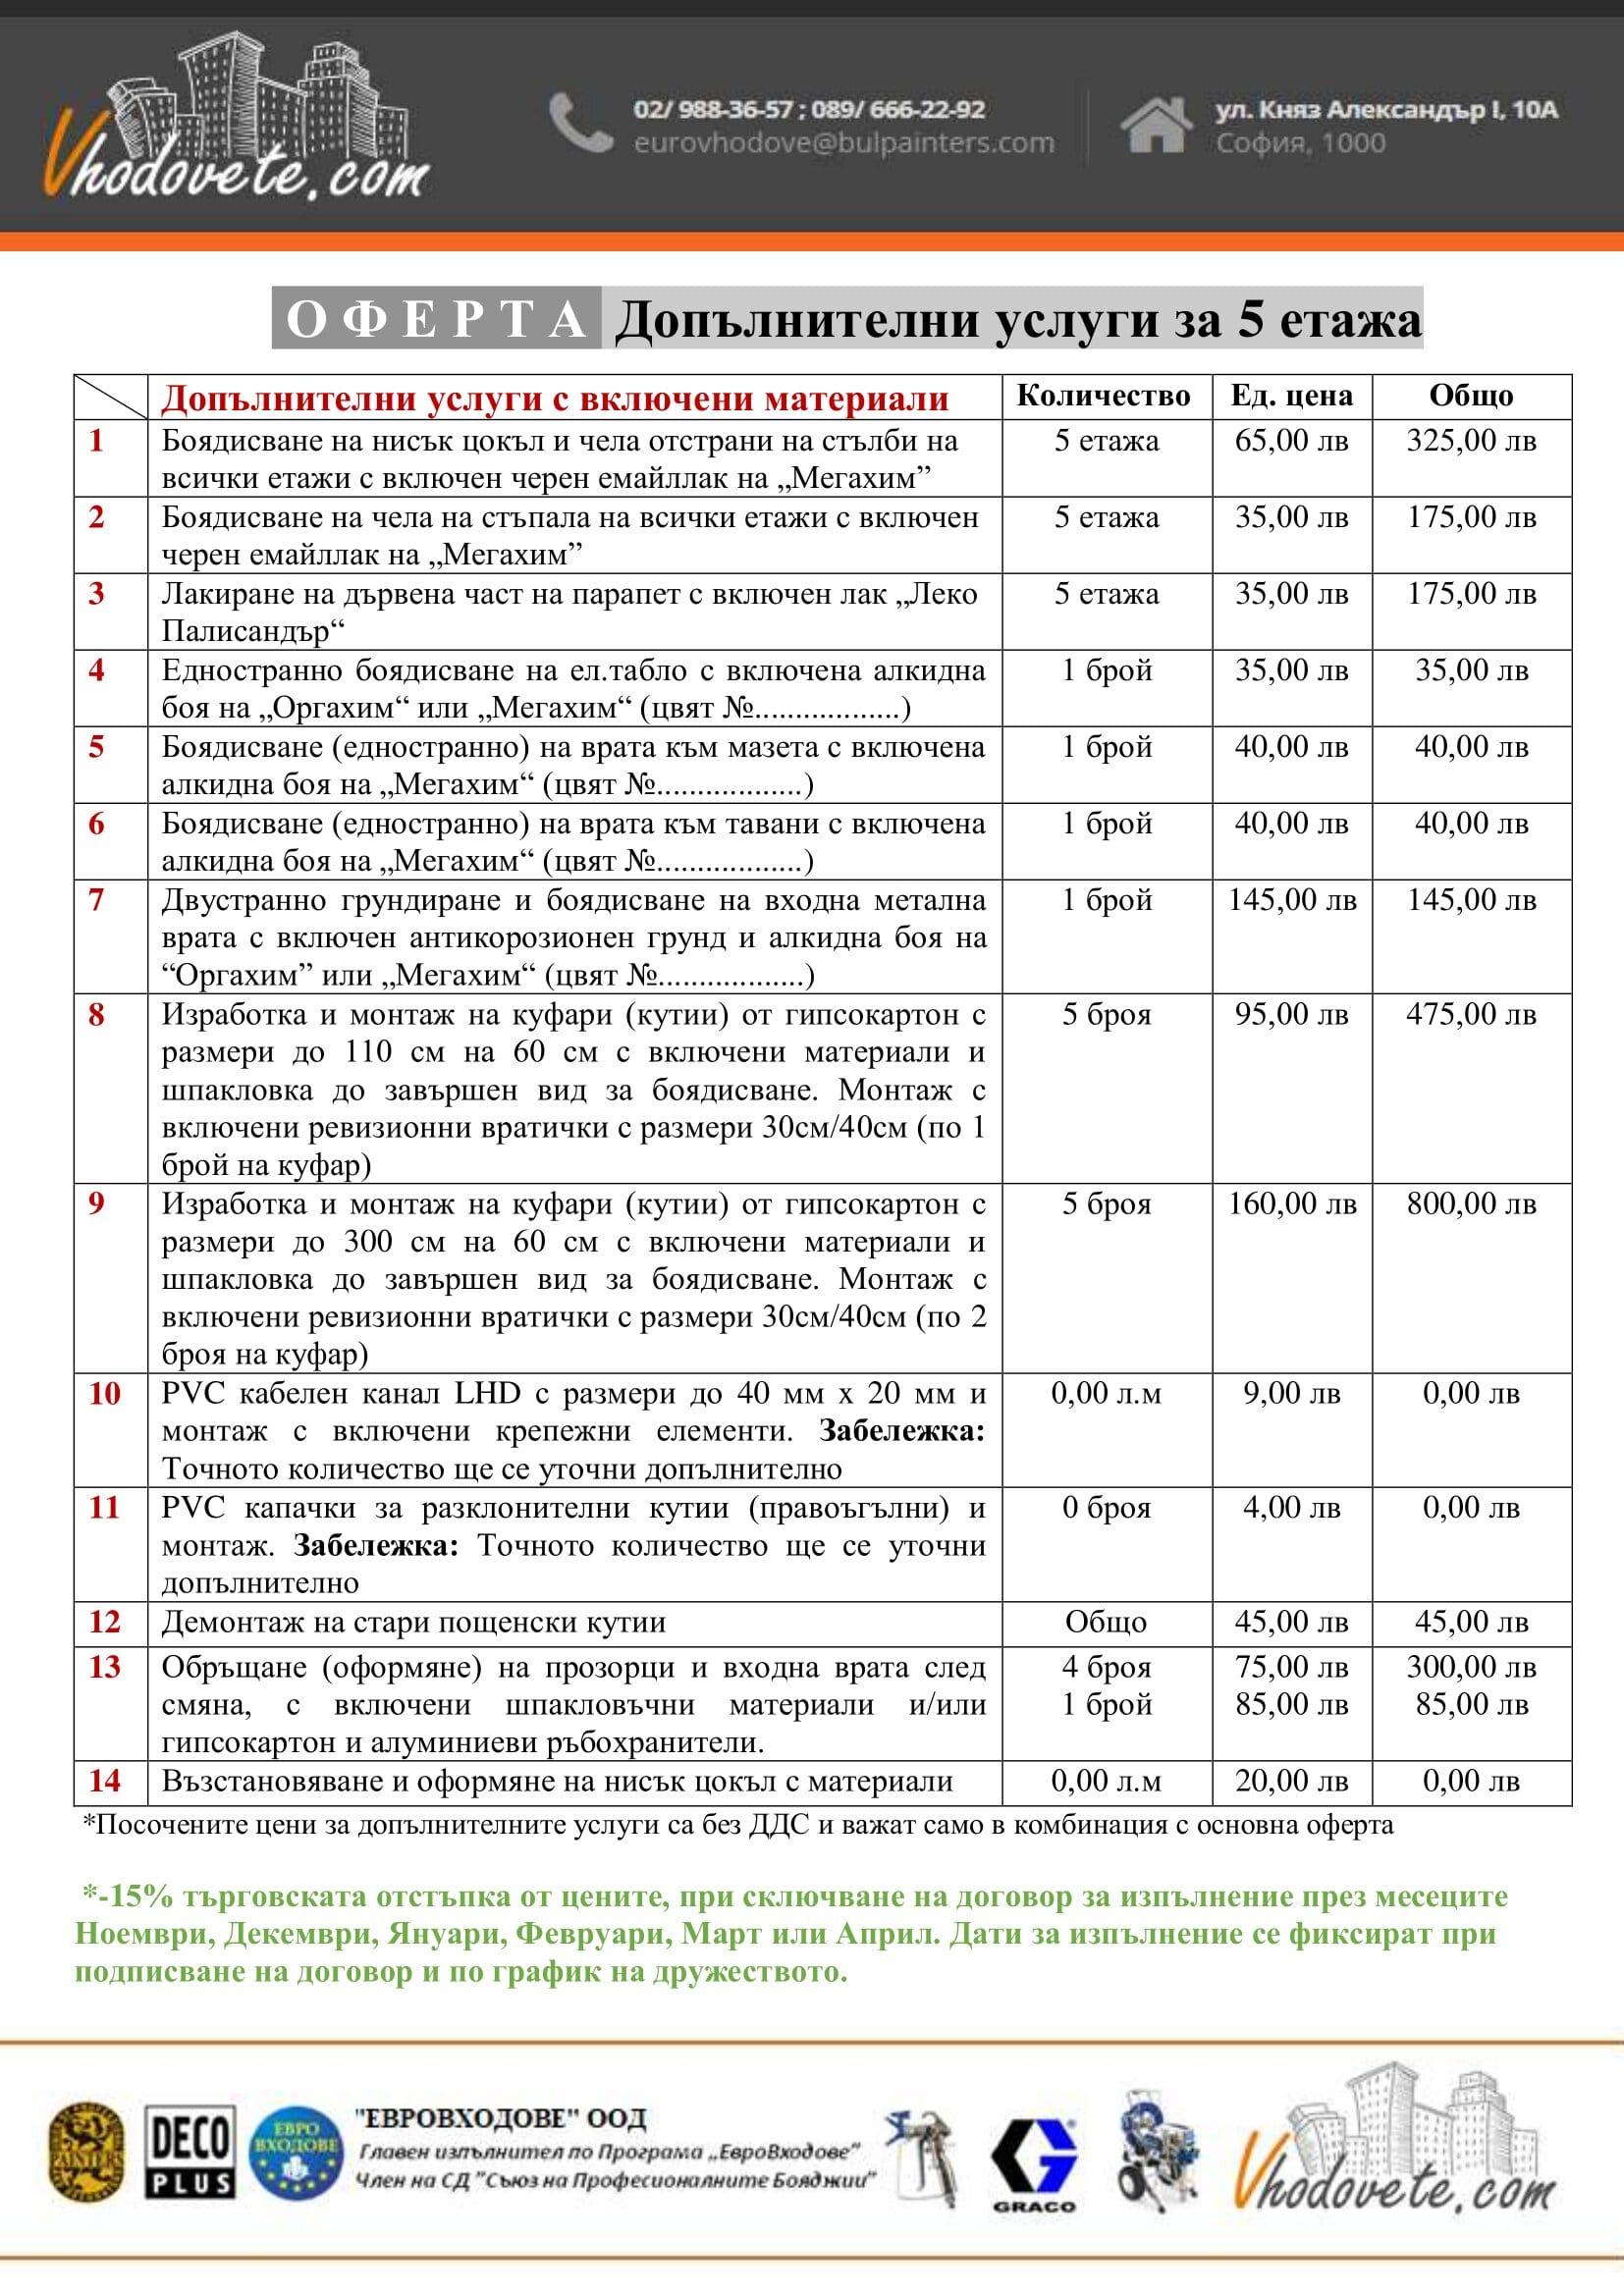 5-Dopulnitelni-uslugi-za-5-et-01102020